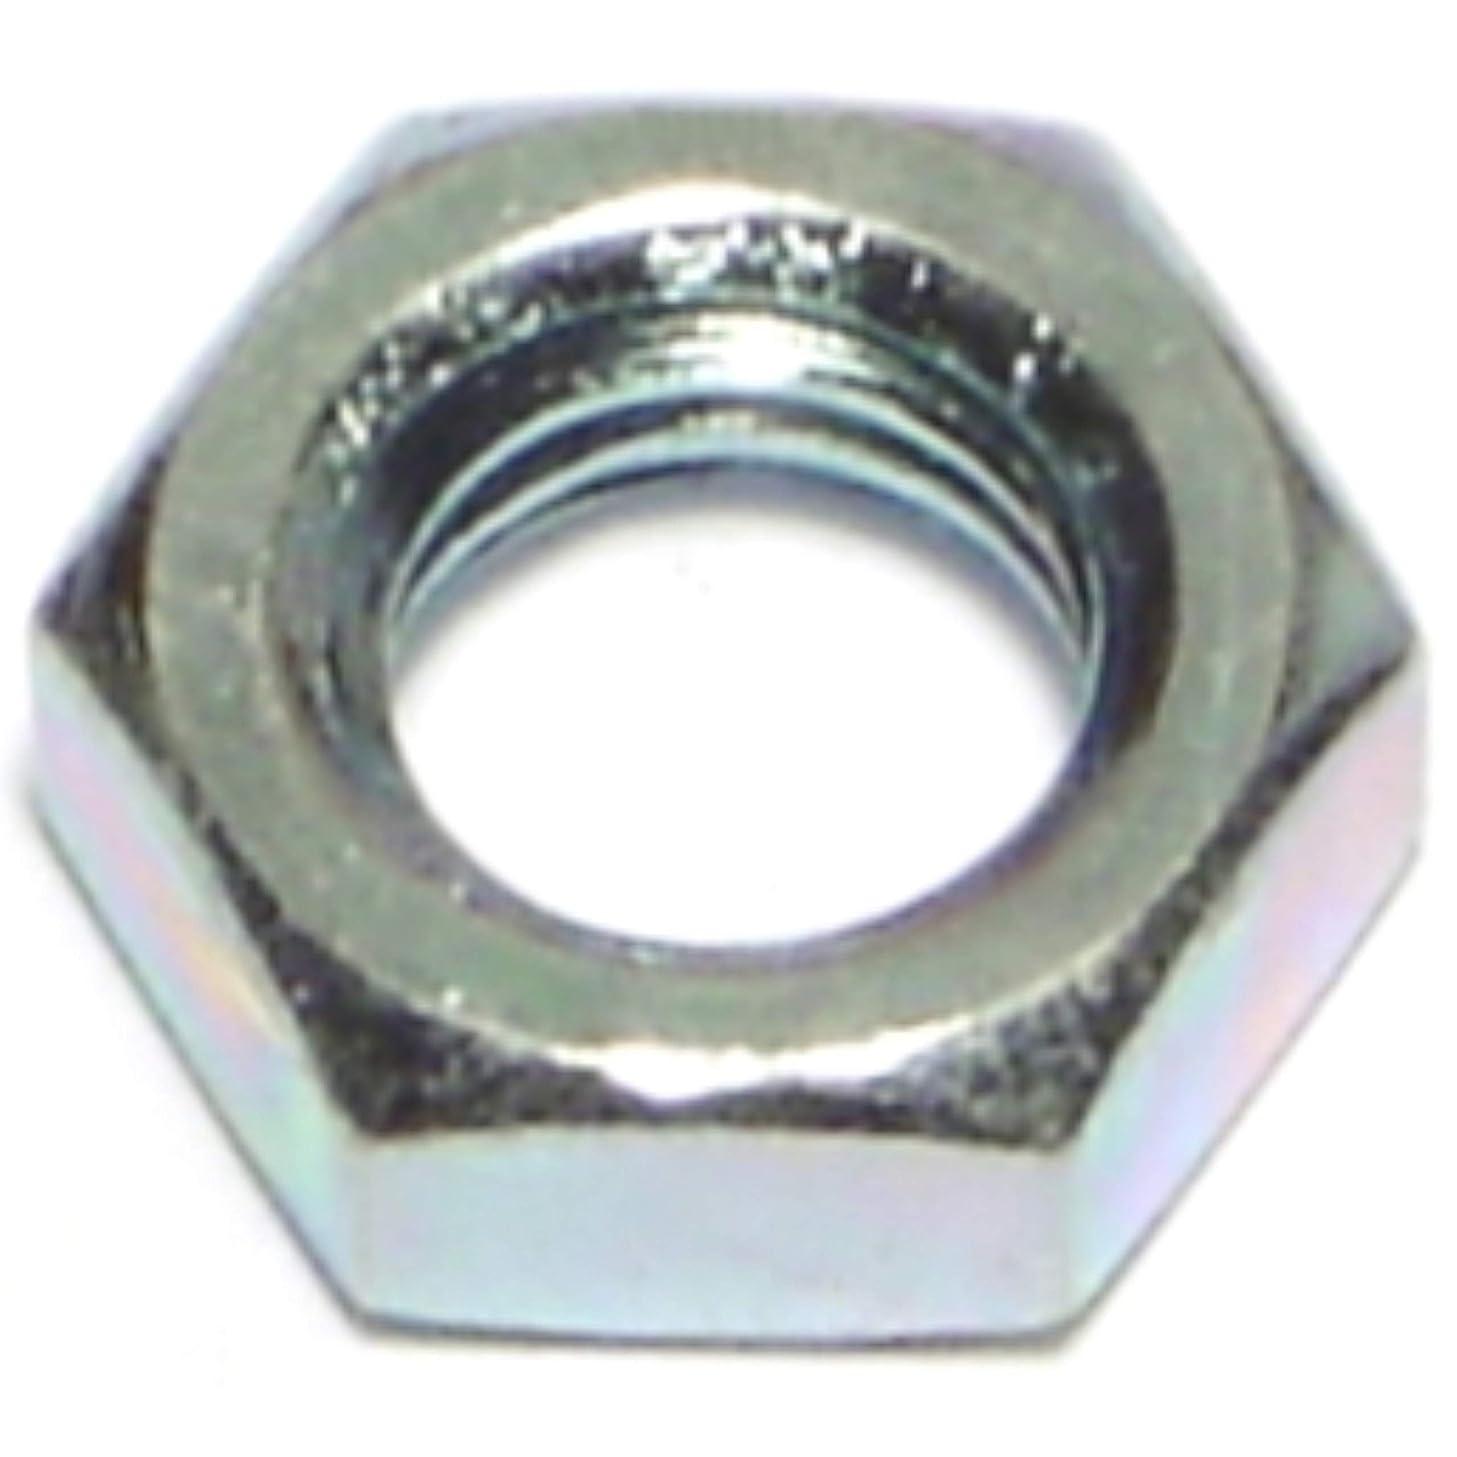 Hard-to-Find Fastener 014973259266 Coarse Hex Jam Nuts, 3/8-16-Inch